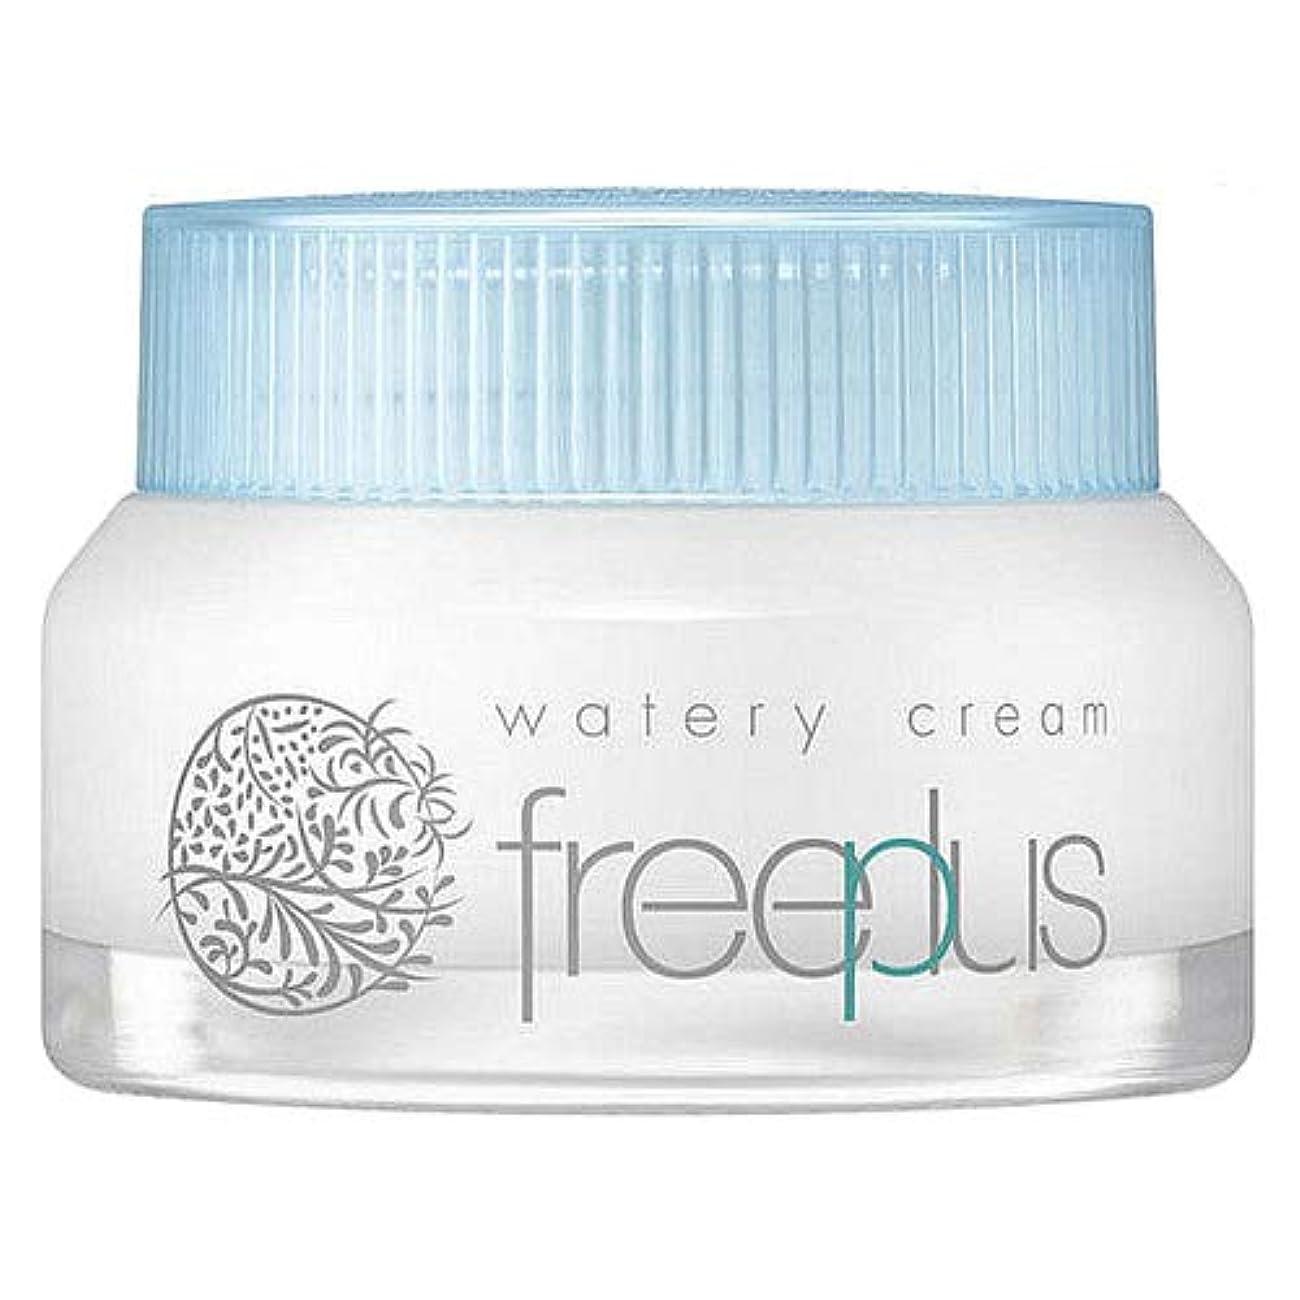 お香欺到着するフリープラス FREEPLUS フリープラス ウォータリークリーム 50g [並行輸入品]